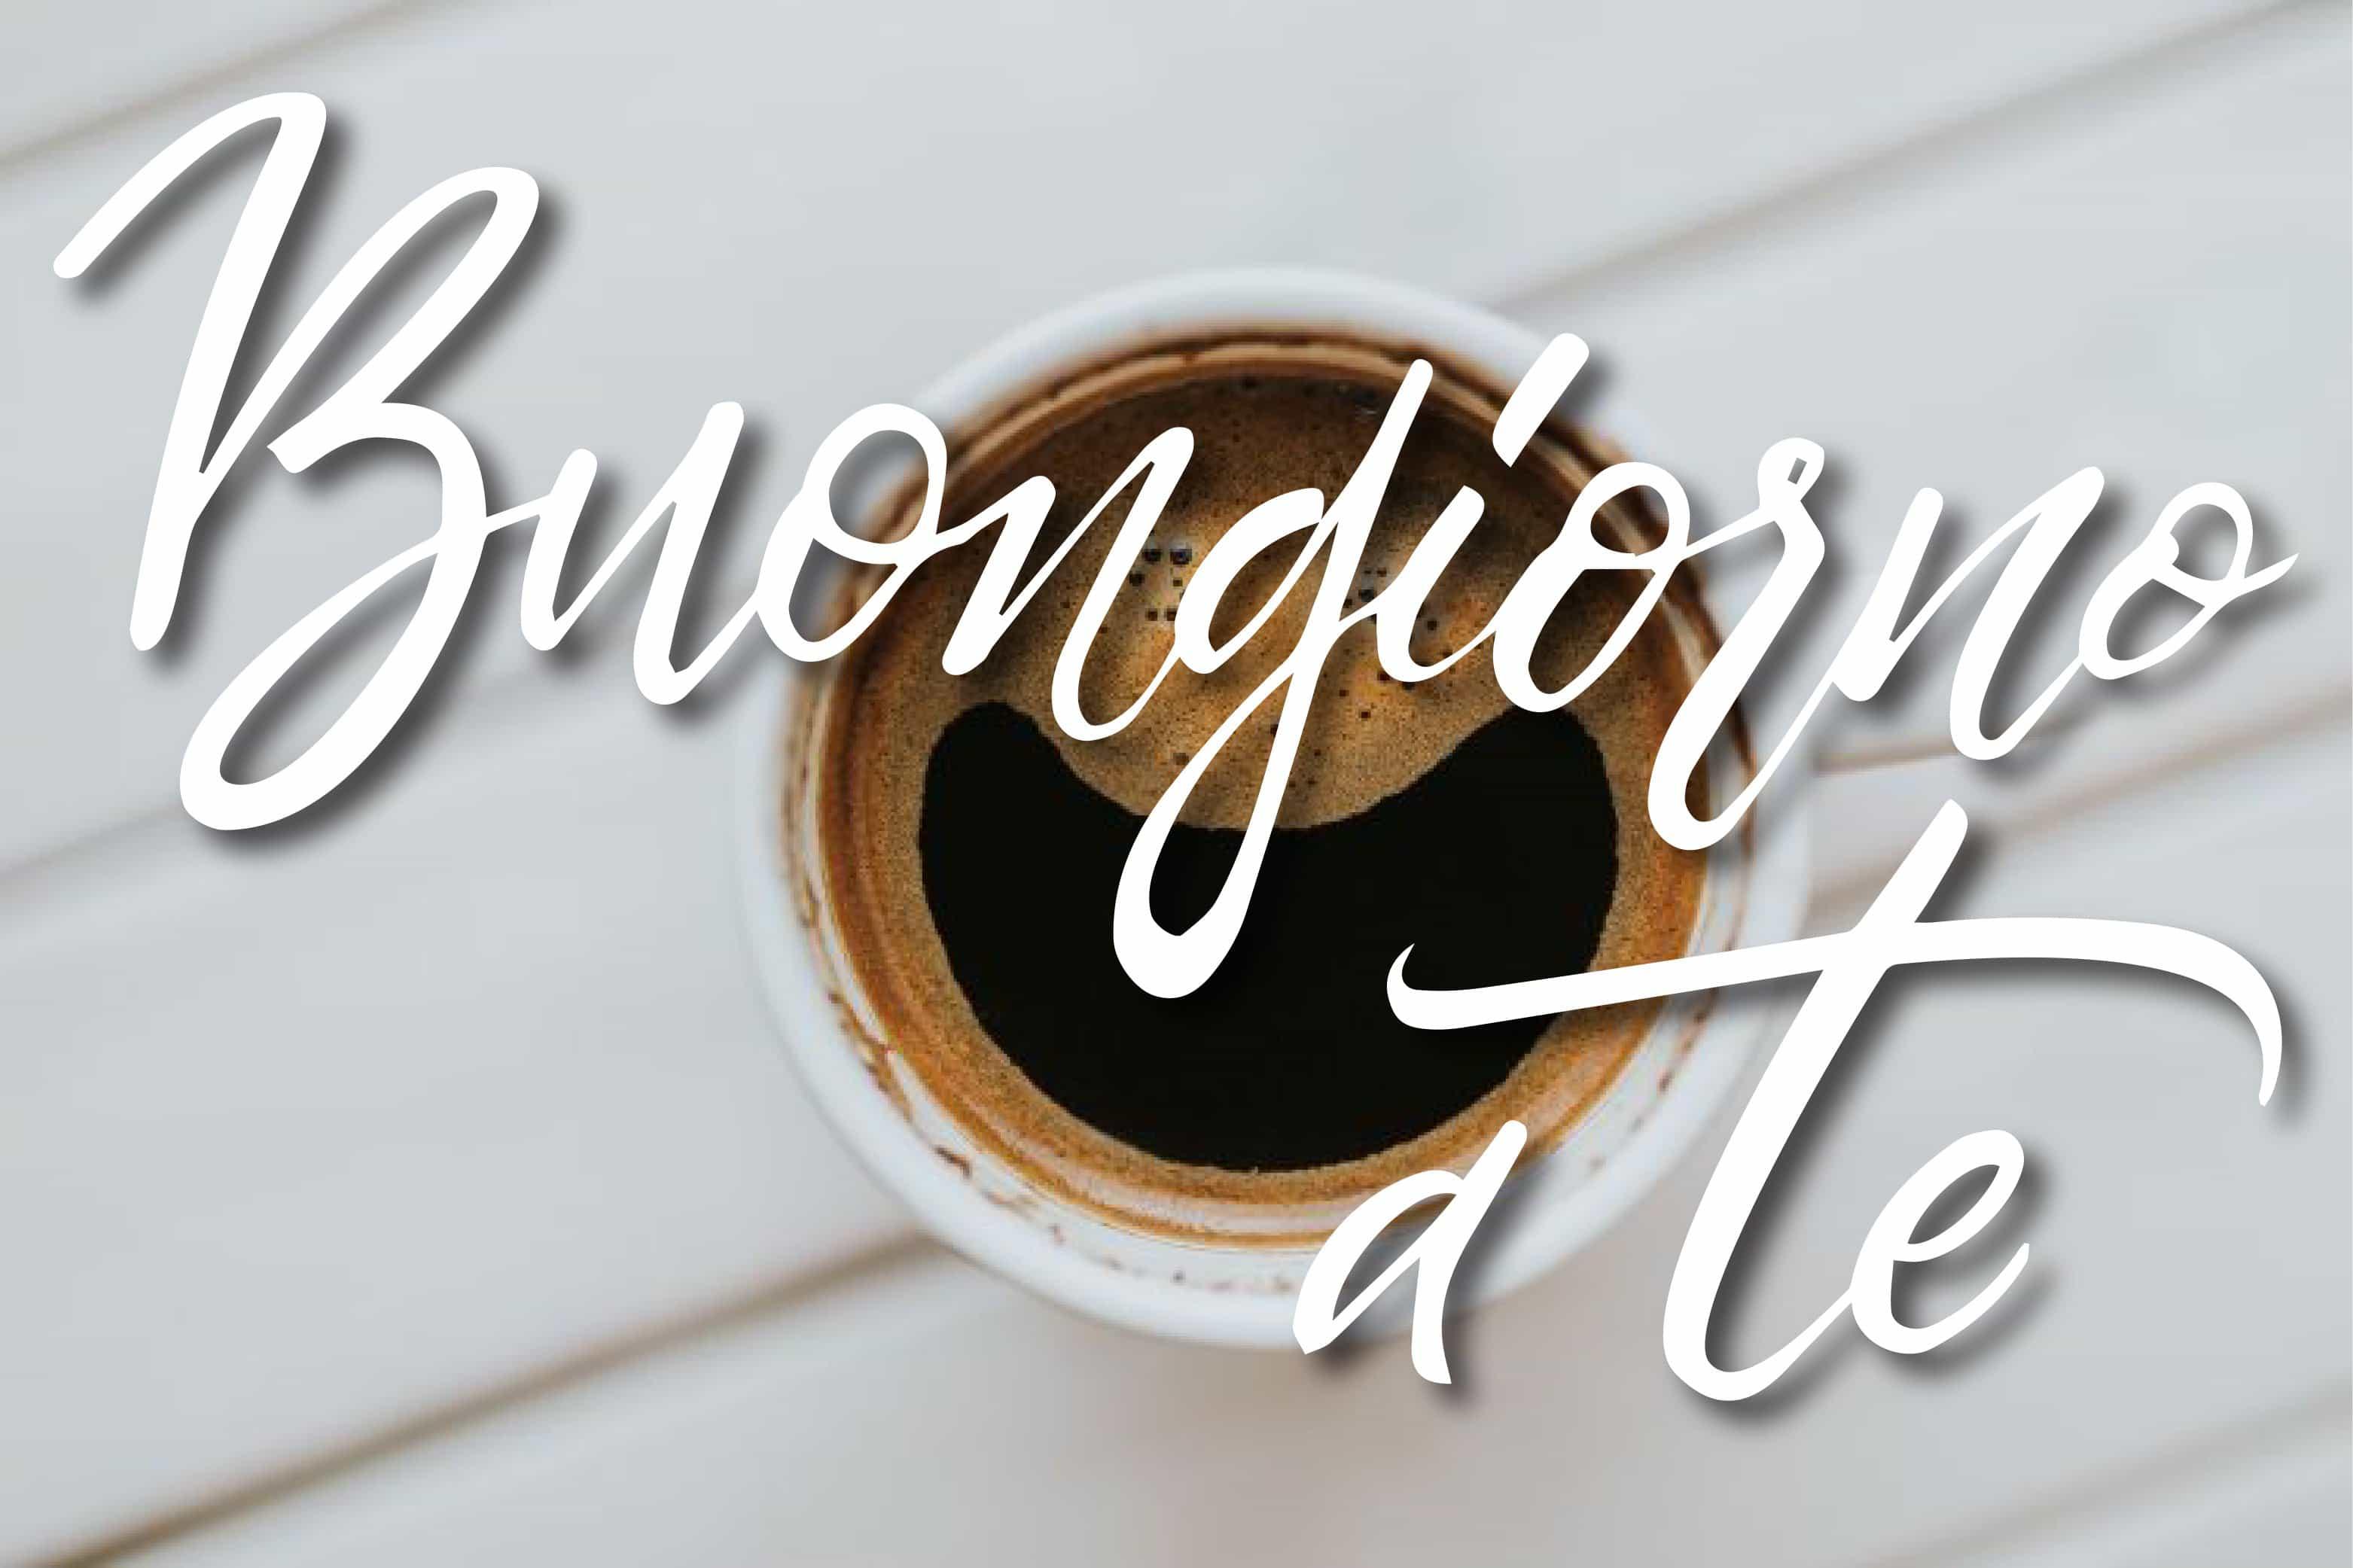 Immagini buongiorno a te gratis caffe